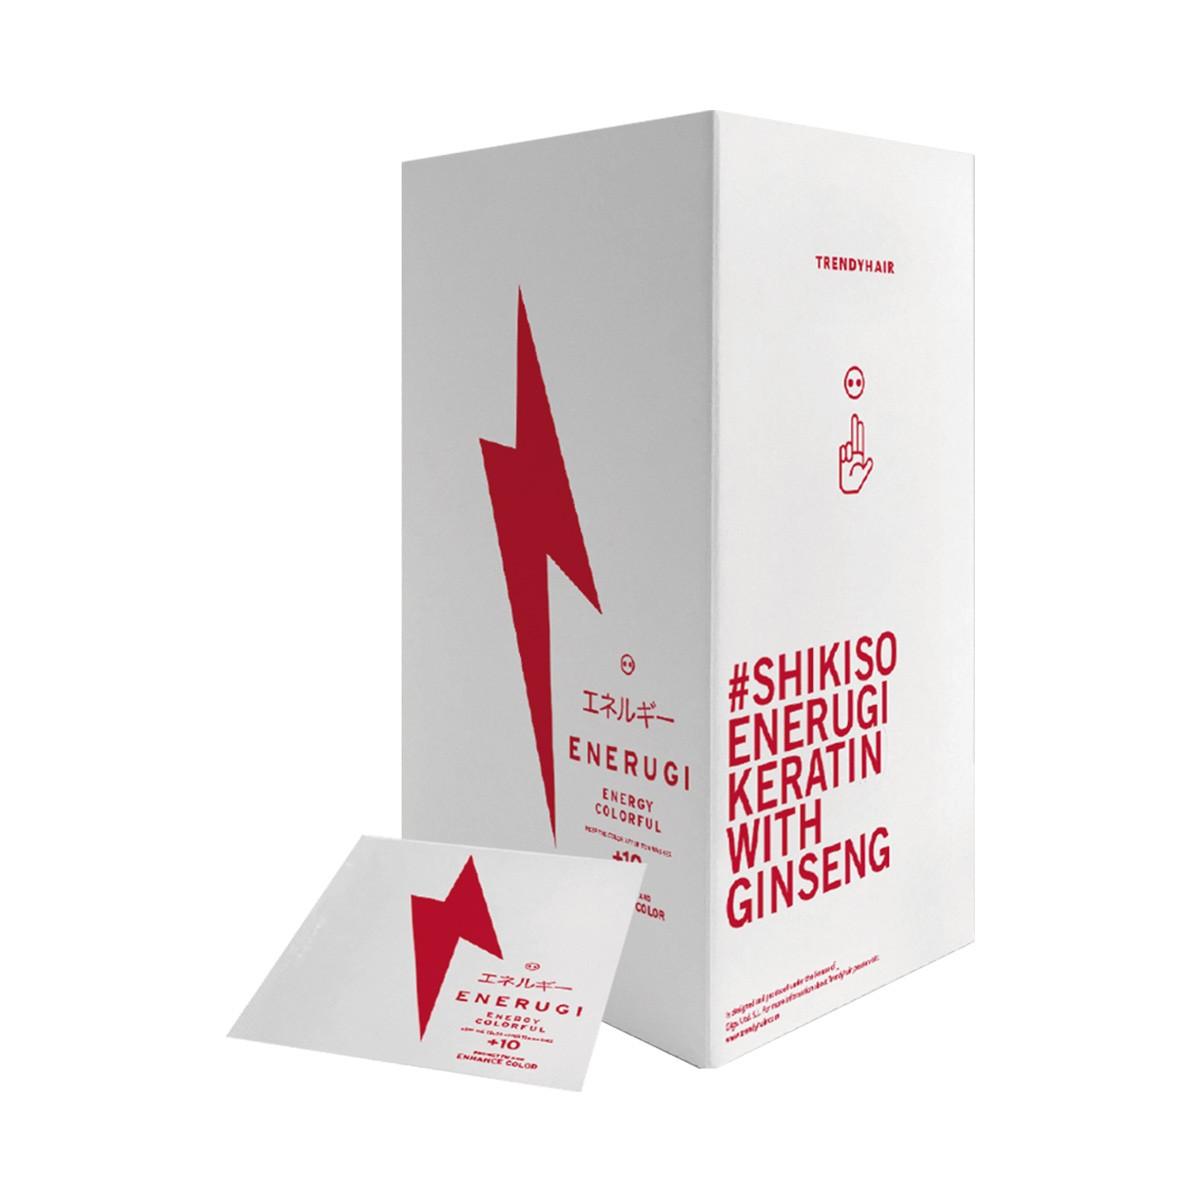 TRENDY HAIR Enerugi Shikiso Keratin with Ginseng 1szt. - Kuracja do włosów farbowanych i rozjaśnianych